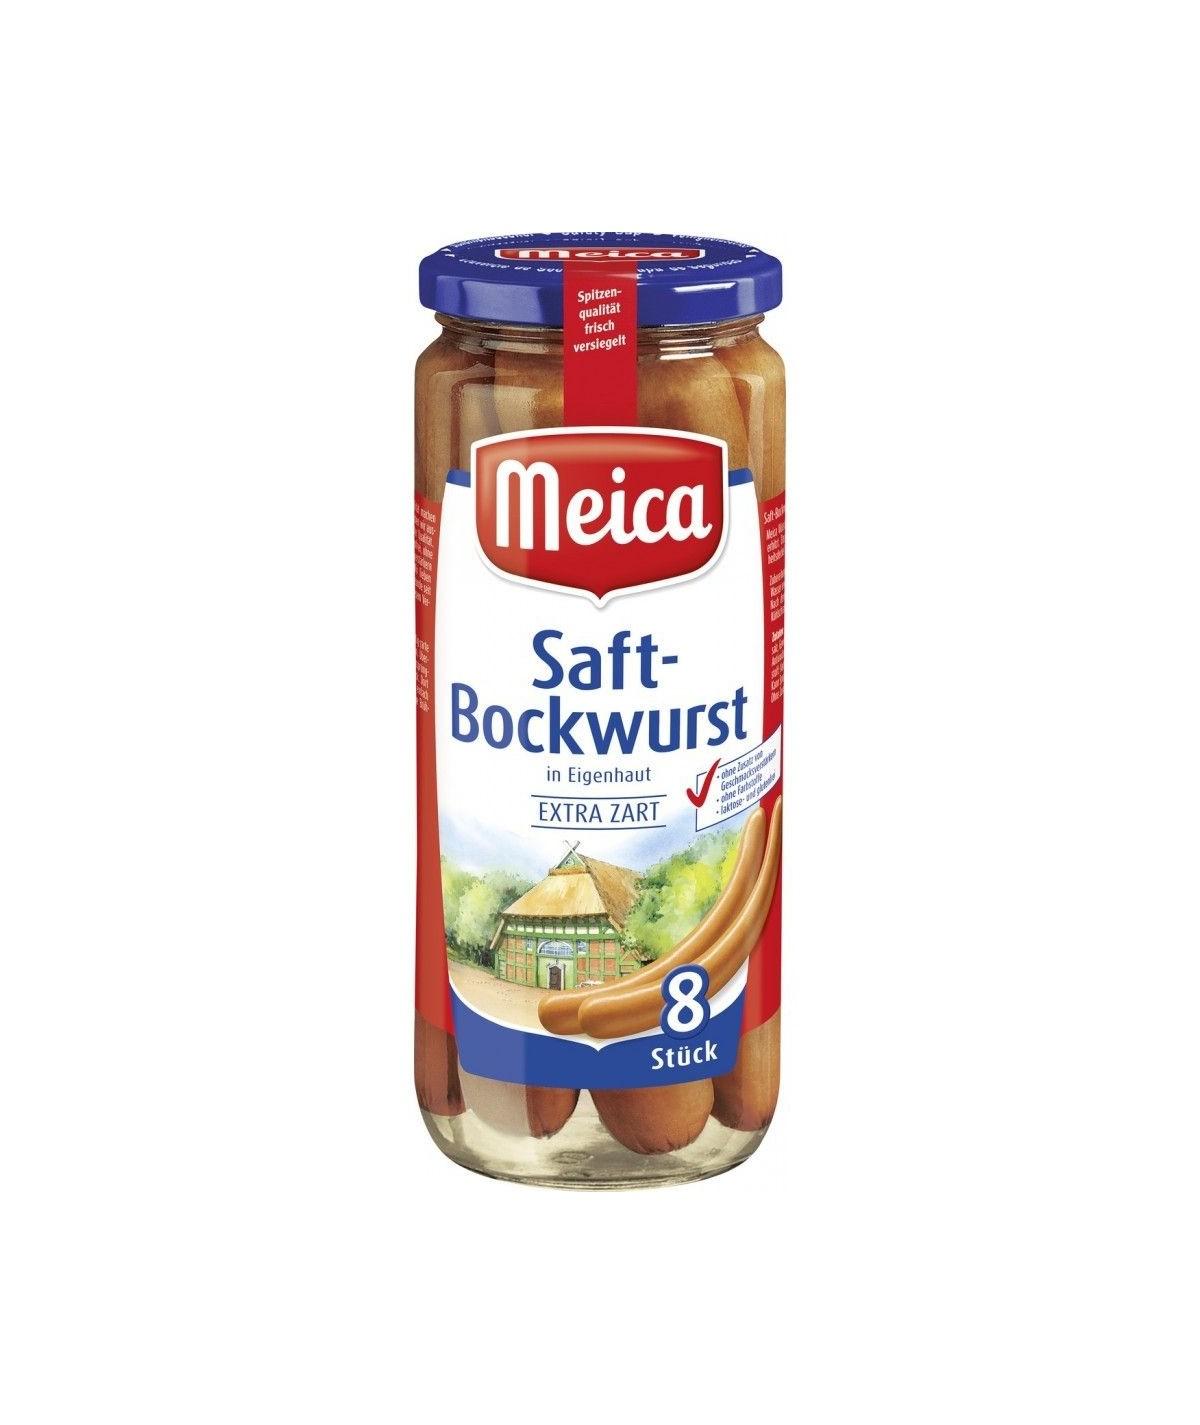 Meica 8 Saft-Bockwürste 540g